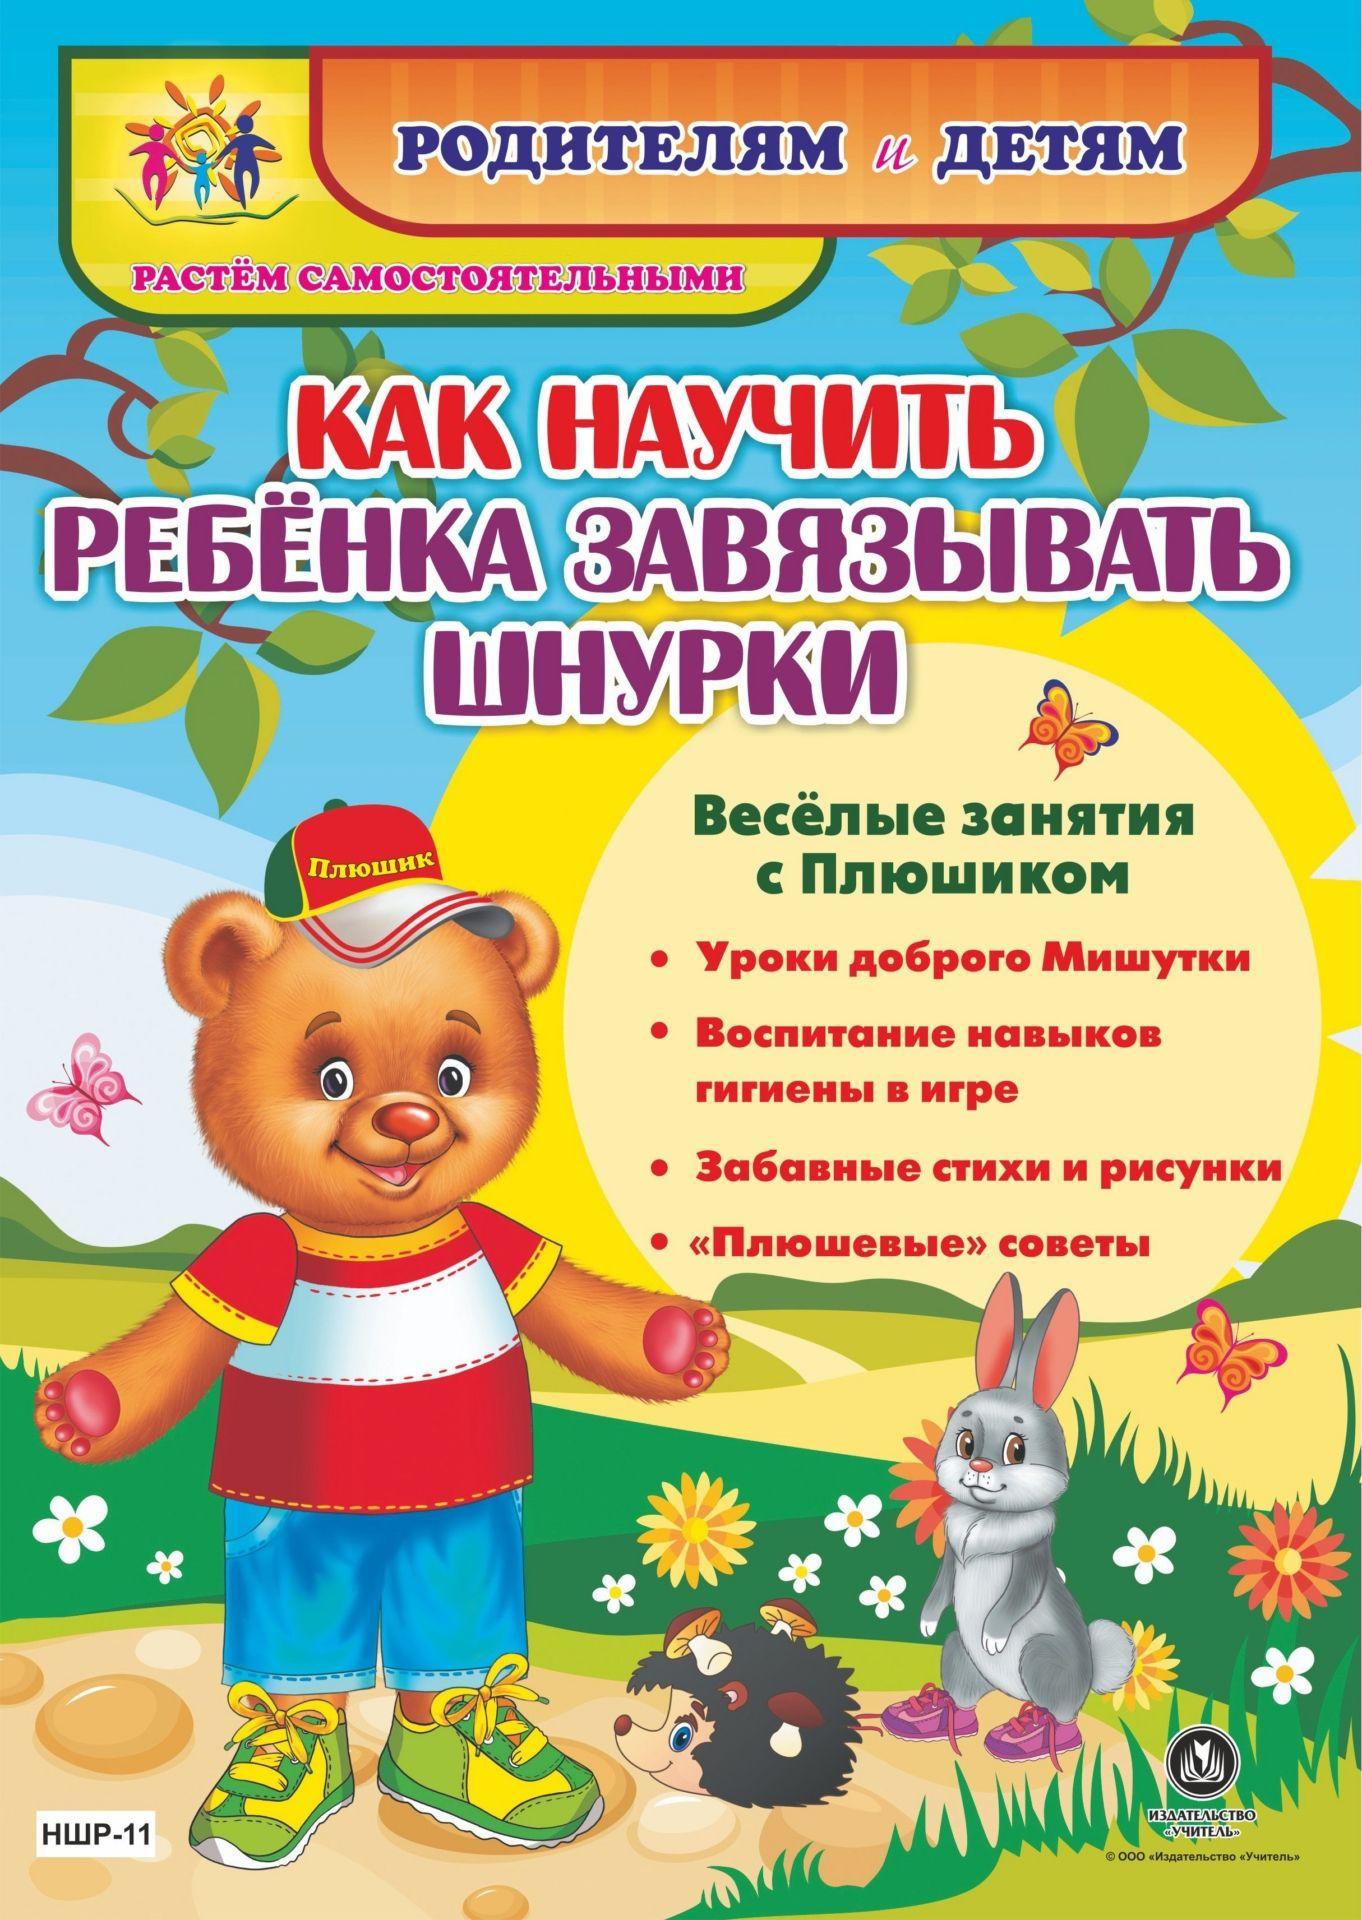 """Как научить ребенка завязывать шнурки. Веселые занятия с Плюшиком: уроки доброго Мишутки, воспитание навыков гигиены в игре, забавные стихи и рисунки, """"плюшевые"""" советы"""